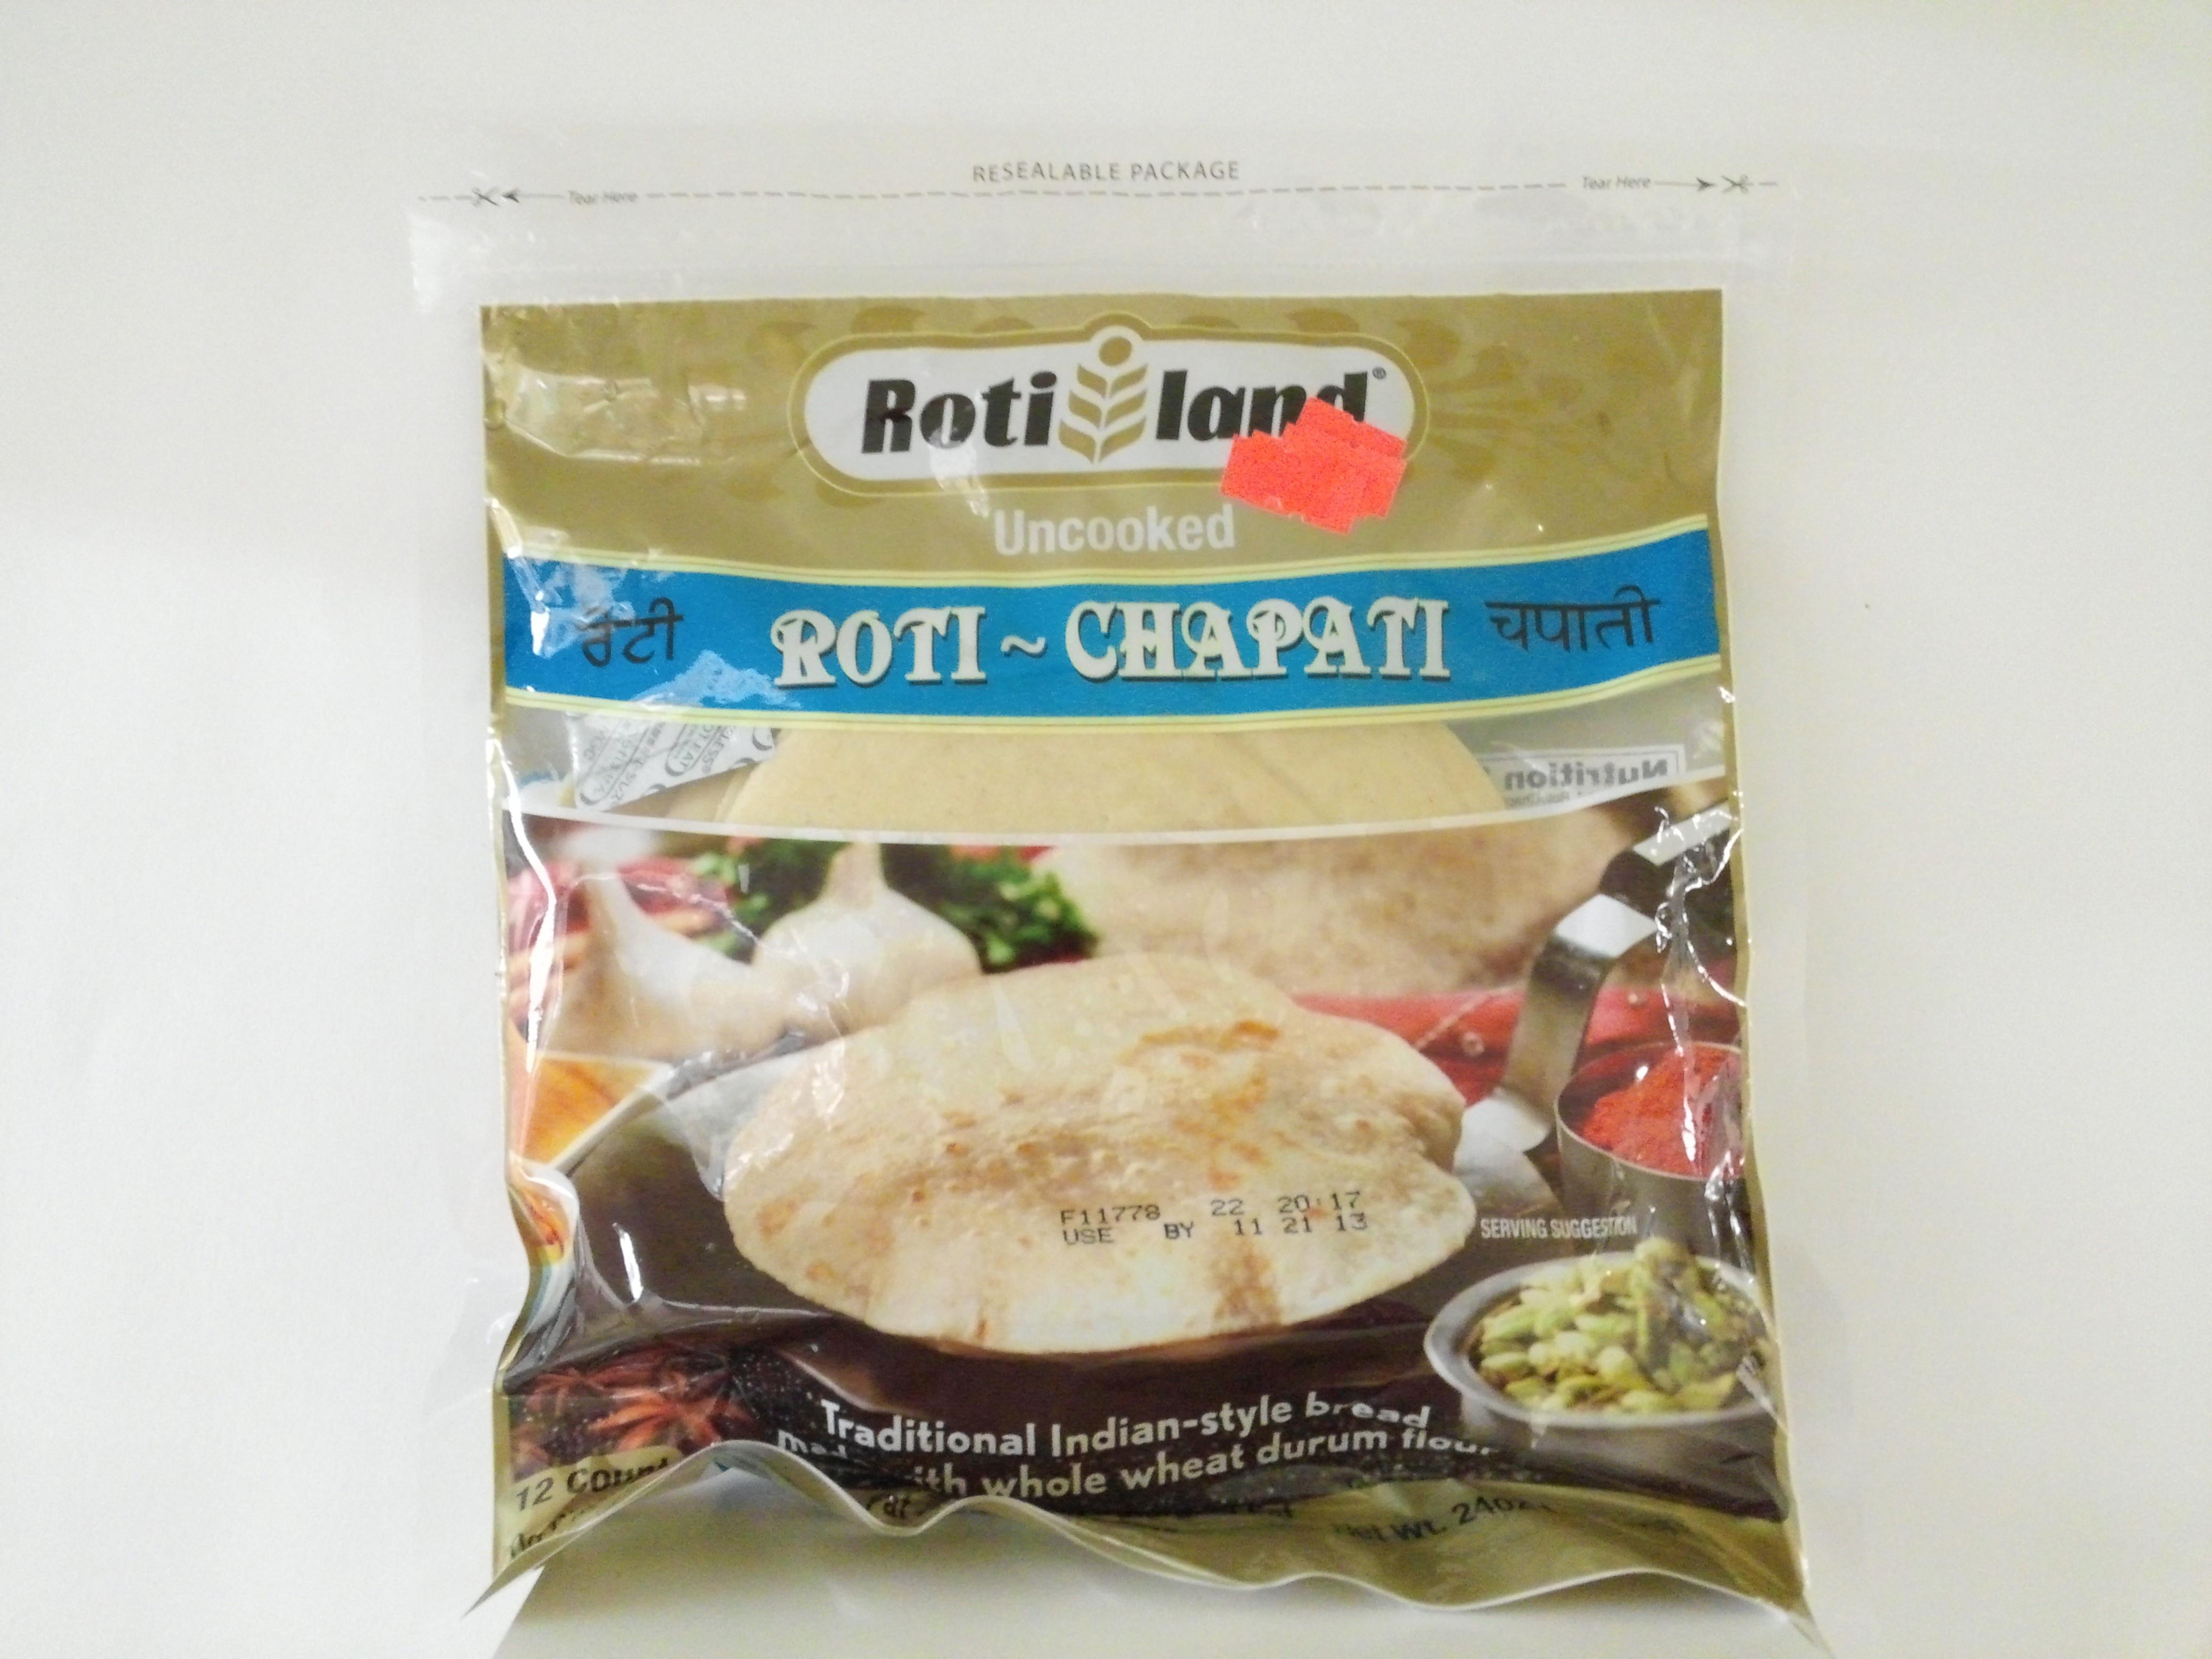 Rotil Fresh Uncooked Roti 12 pcs 23 oz